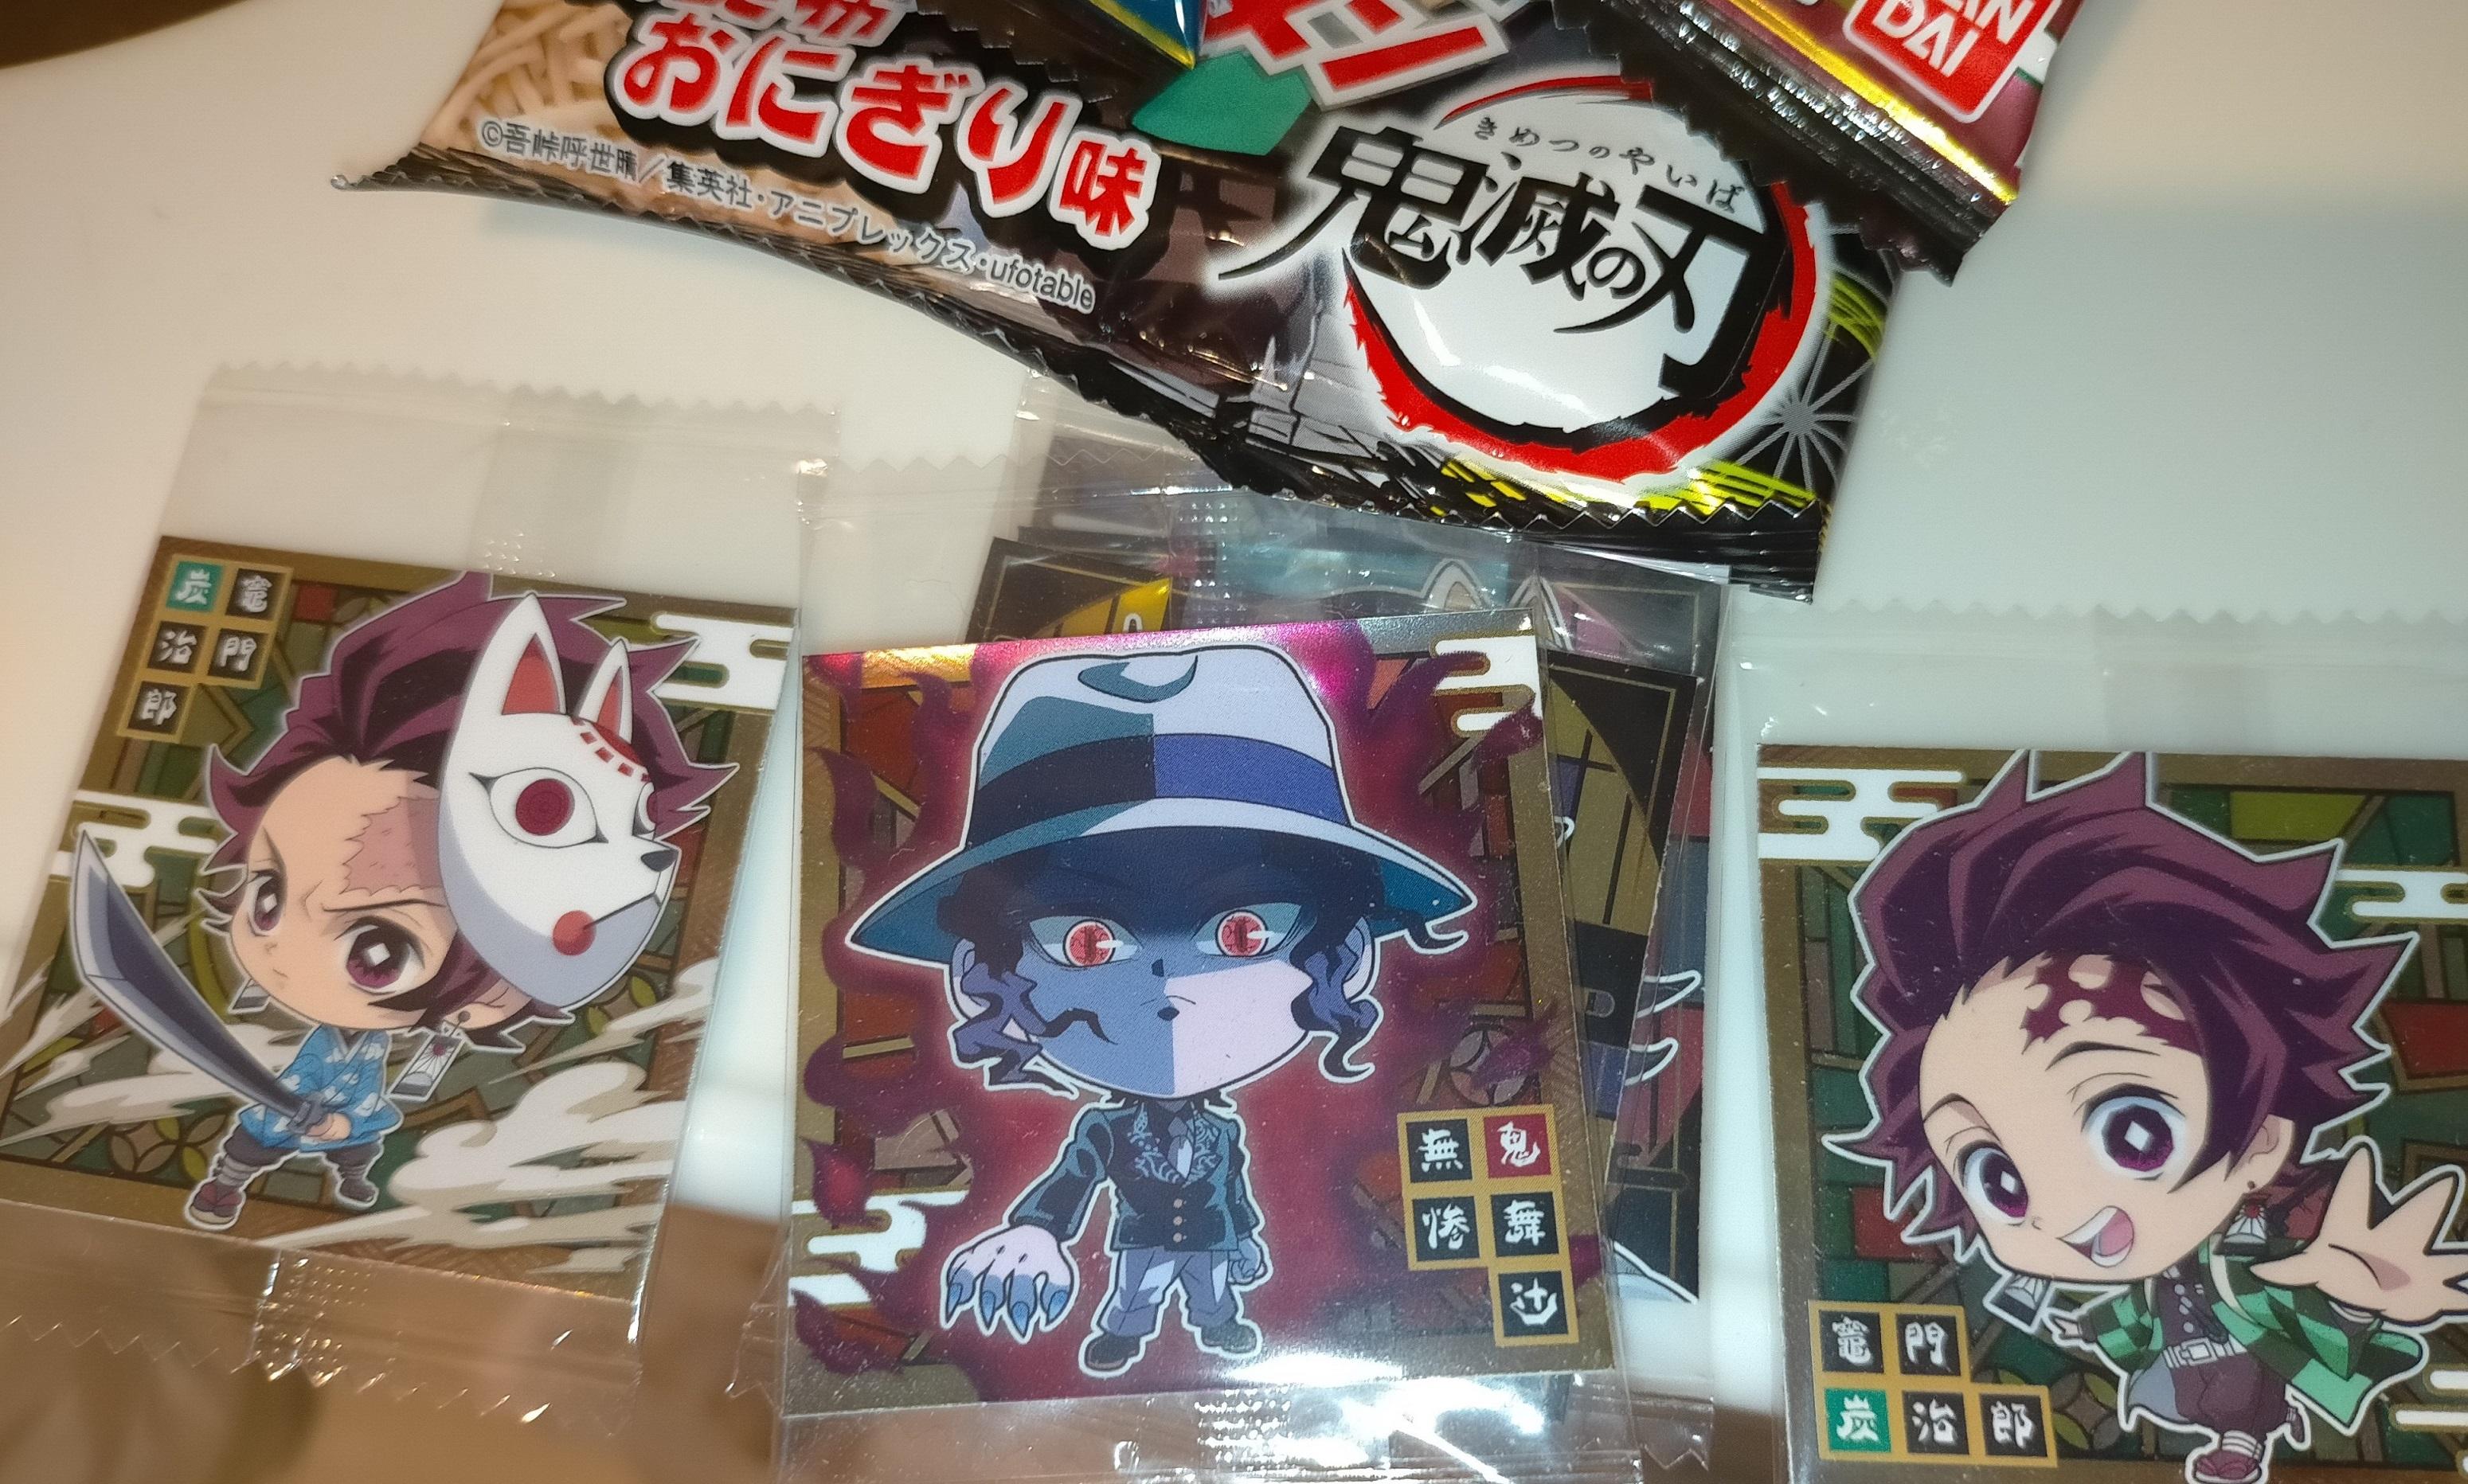 kimetsu_yaiba_uehasu_0809_steckers_3.jpg